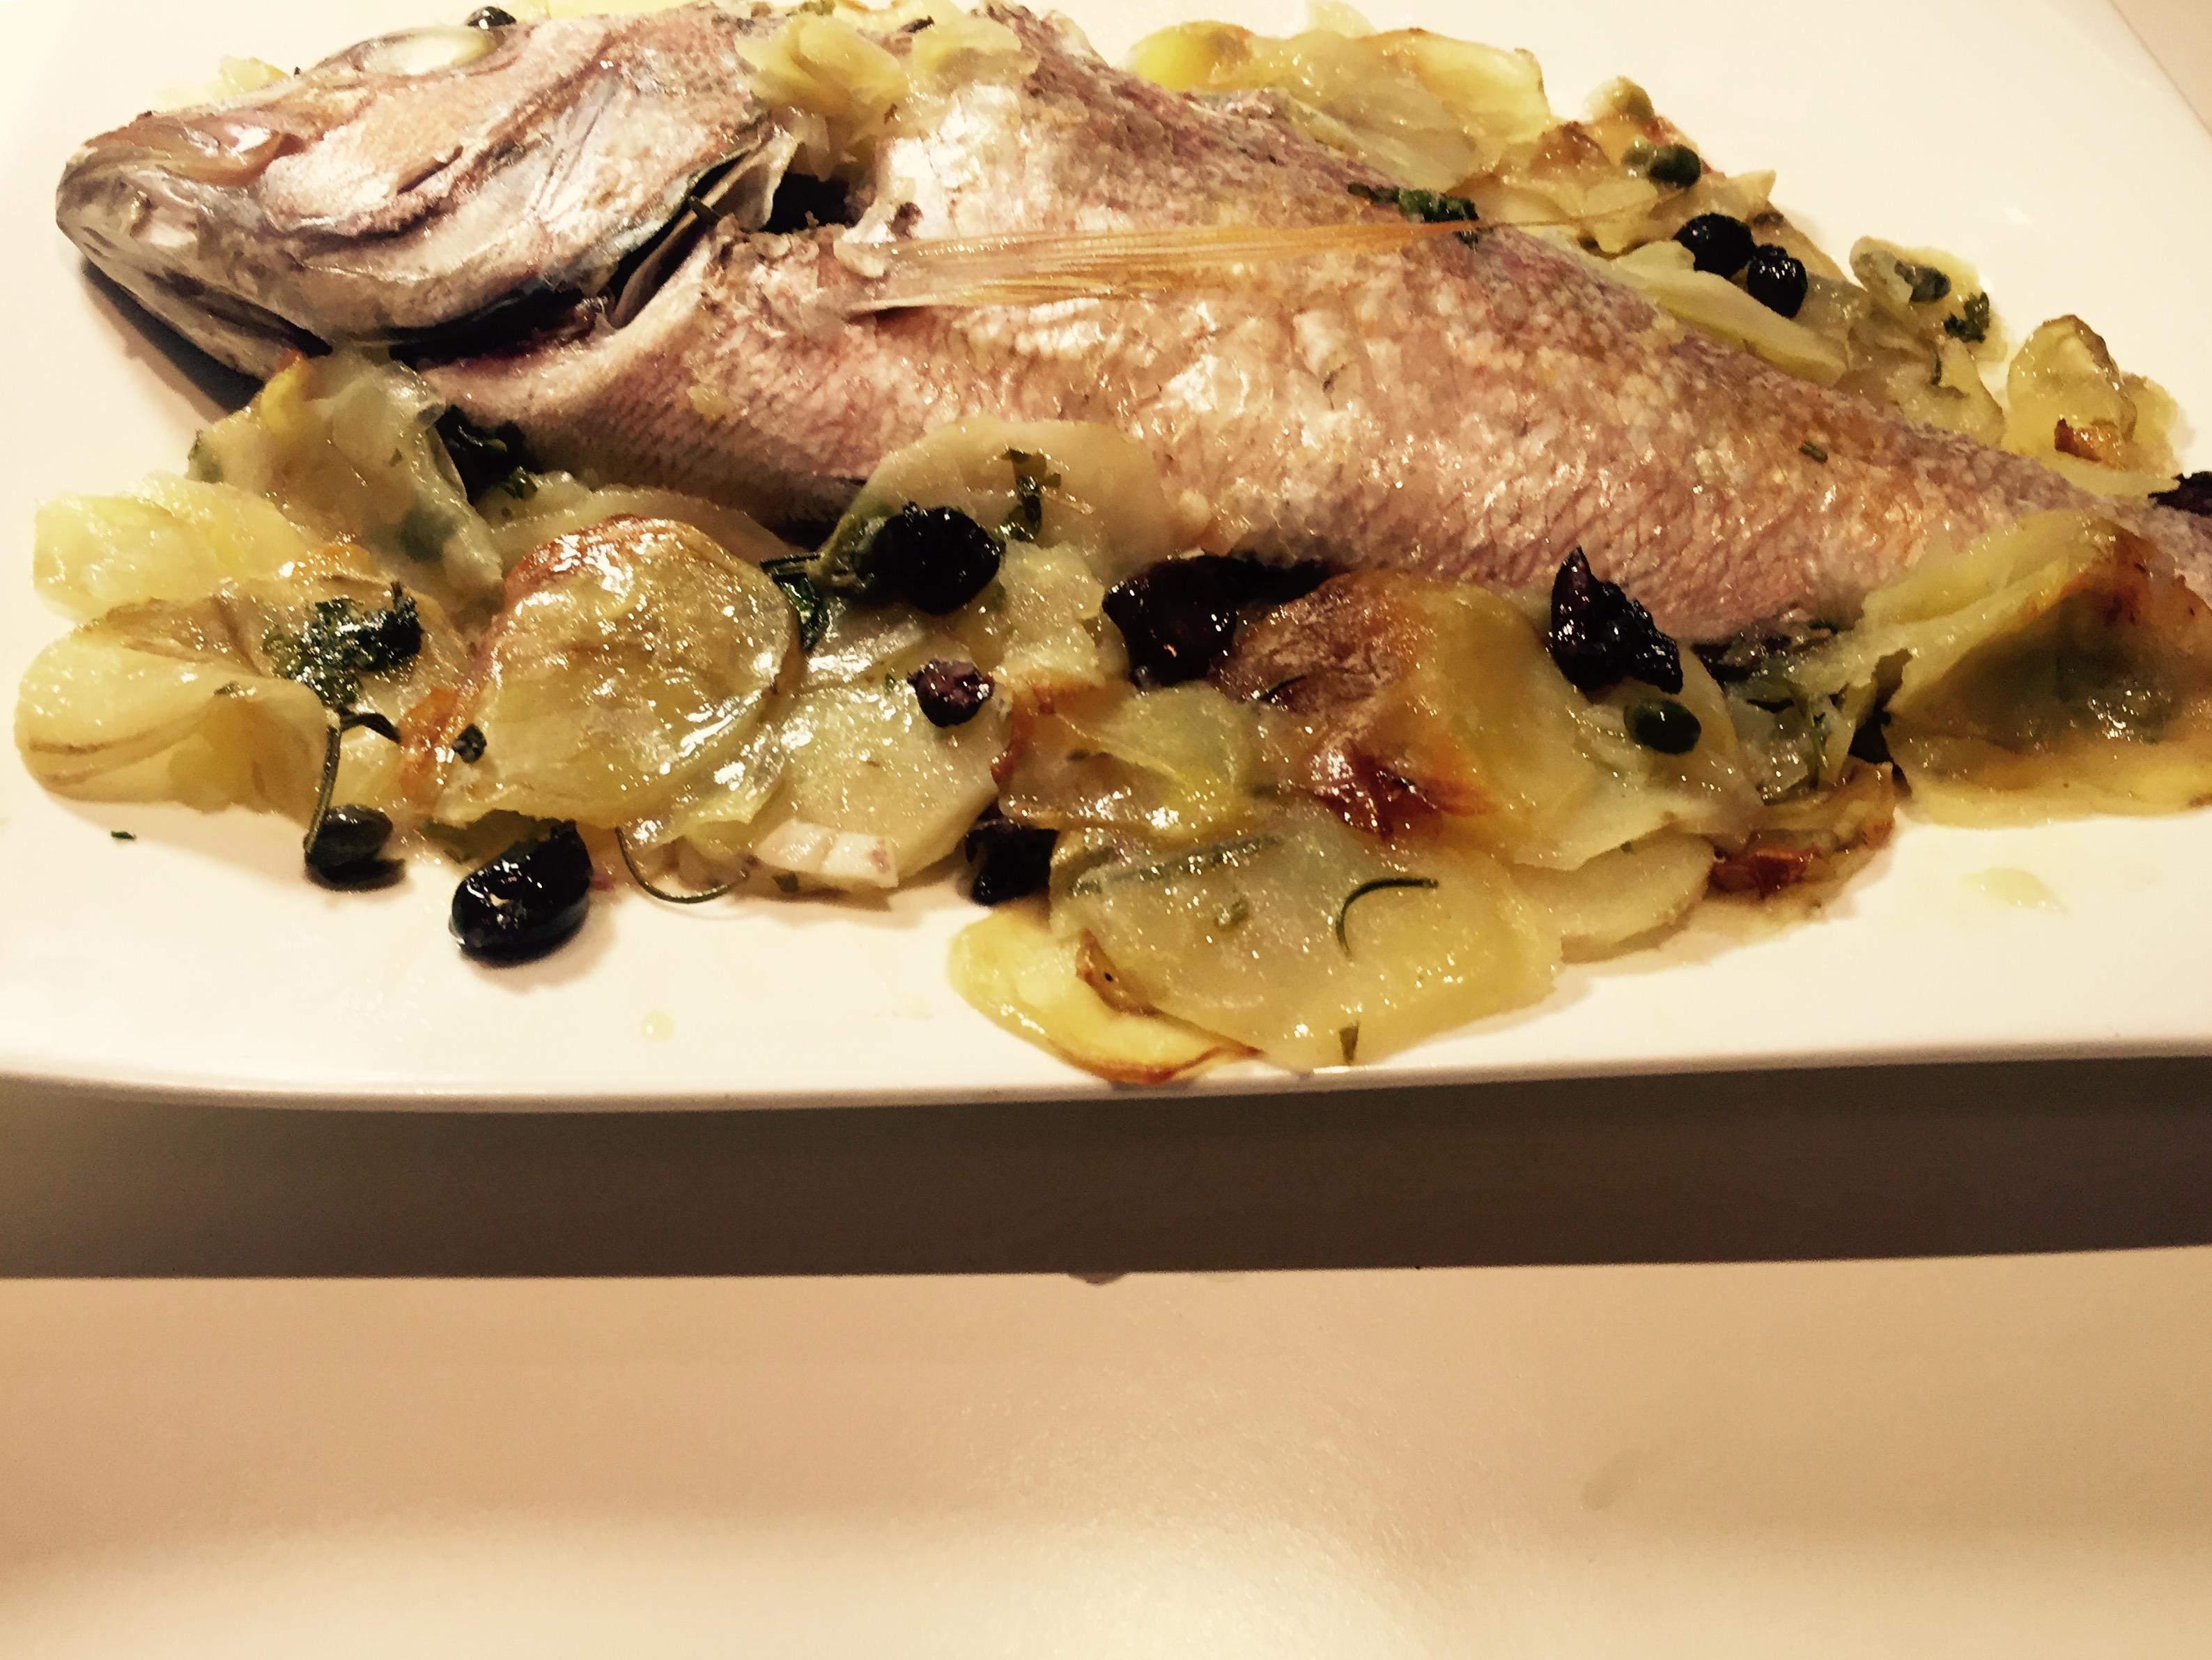 Dentice al forno con patate olive e capperi ricette for Cucinare dentice